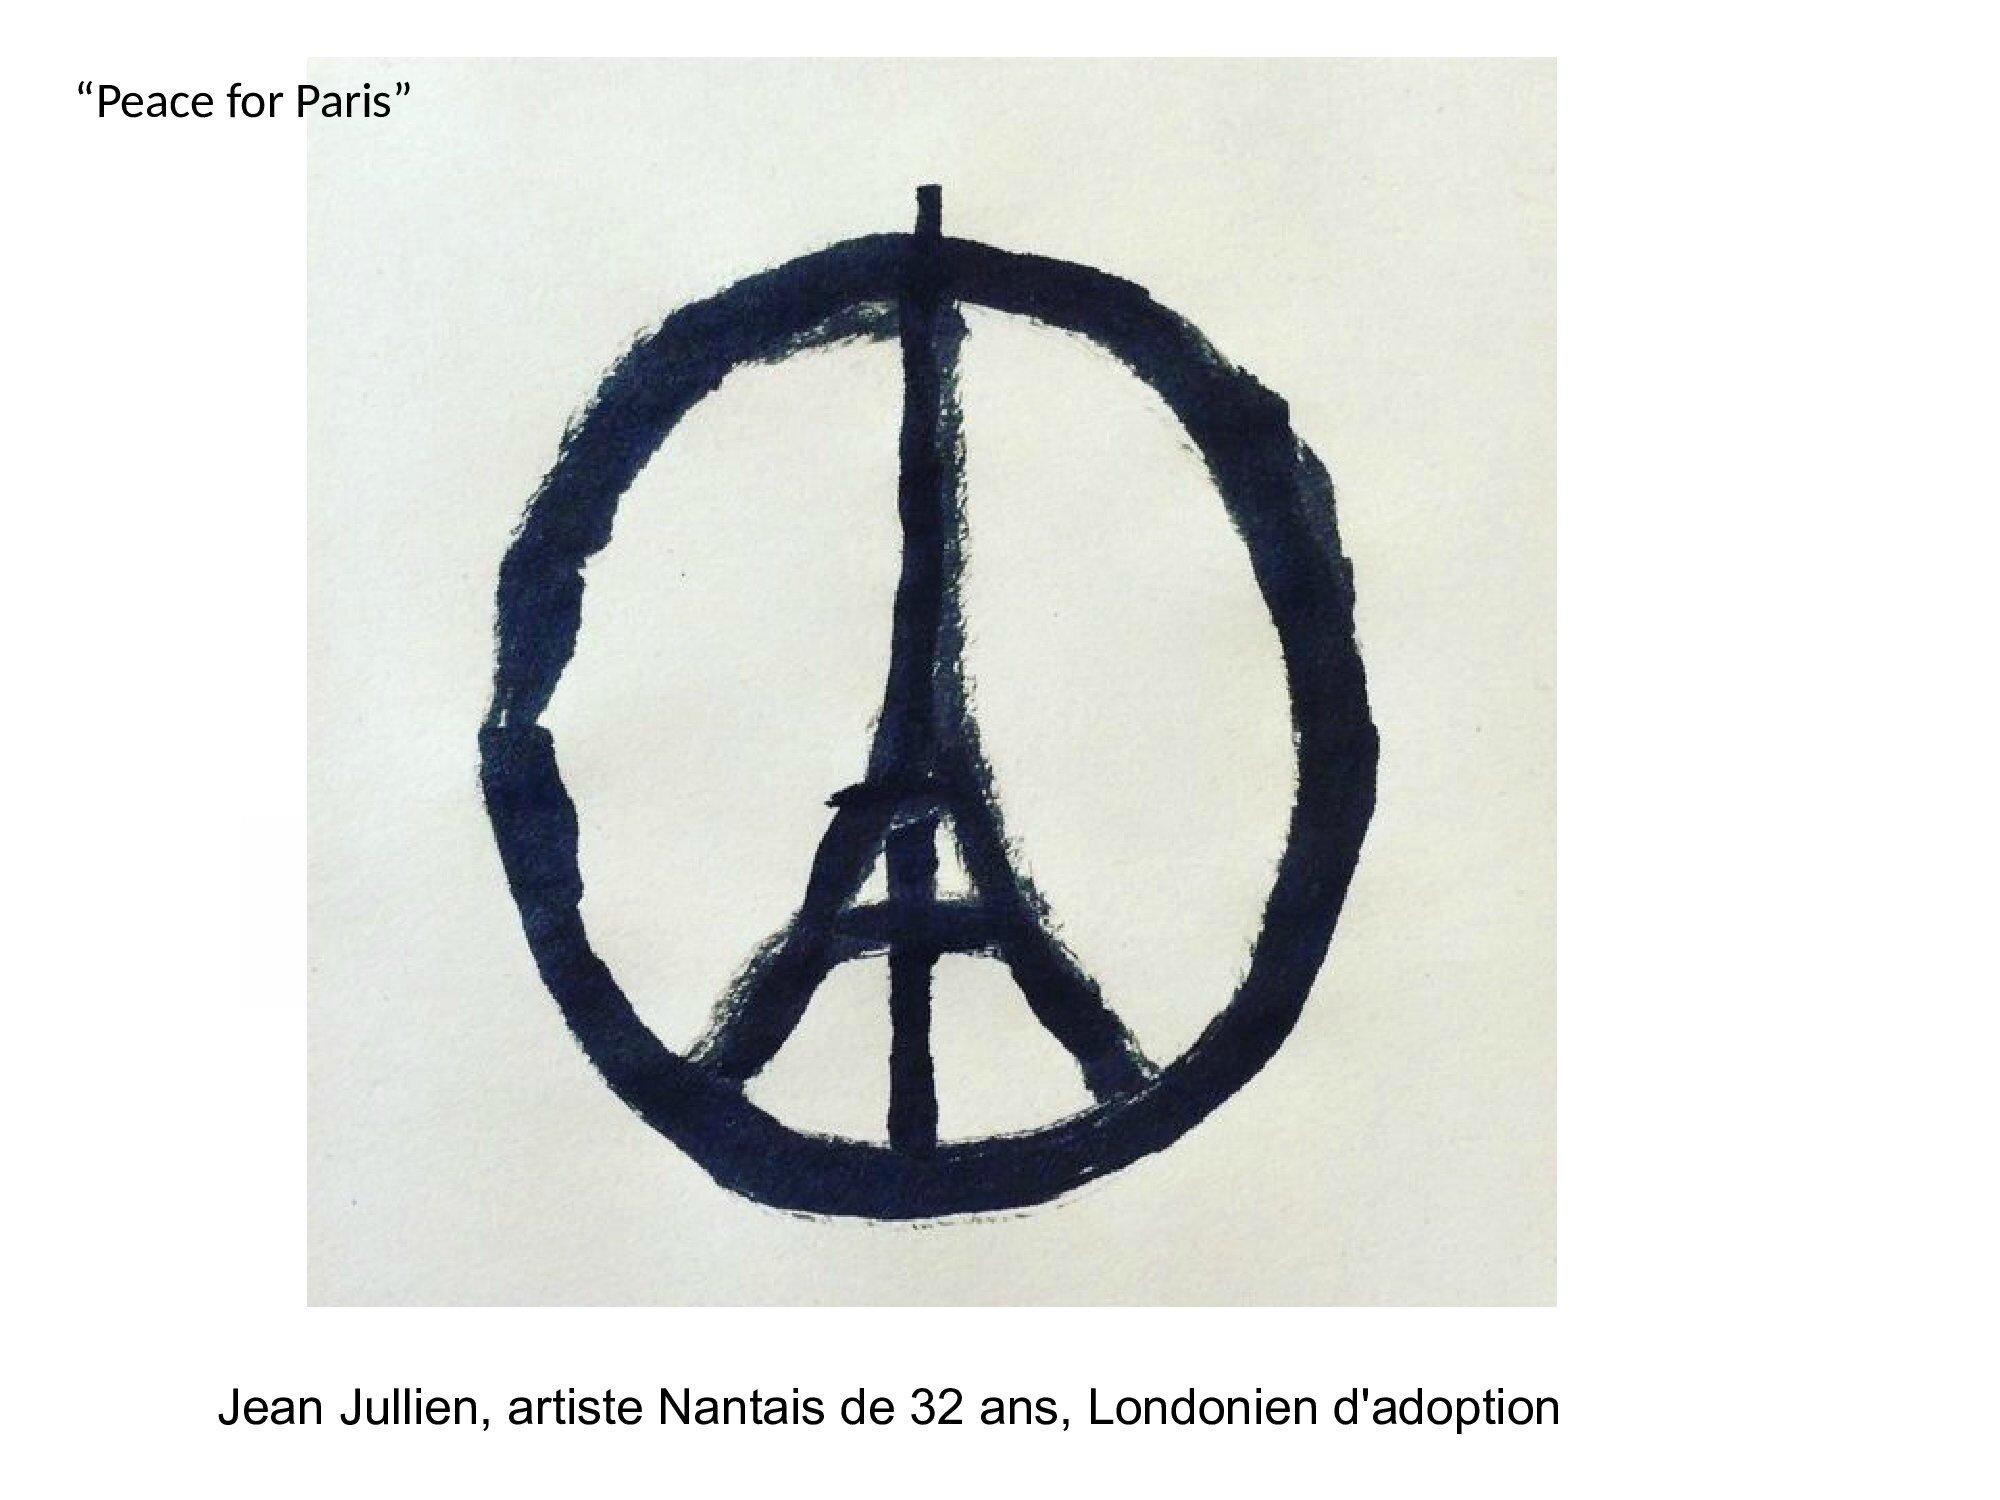 HOMMAGE des dessinateurs aux victimes des attentats de Paris 13 novembre 2015 (6)